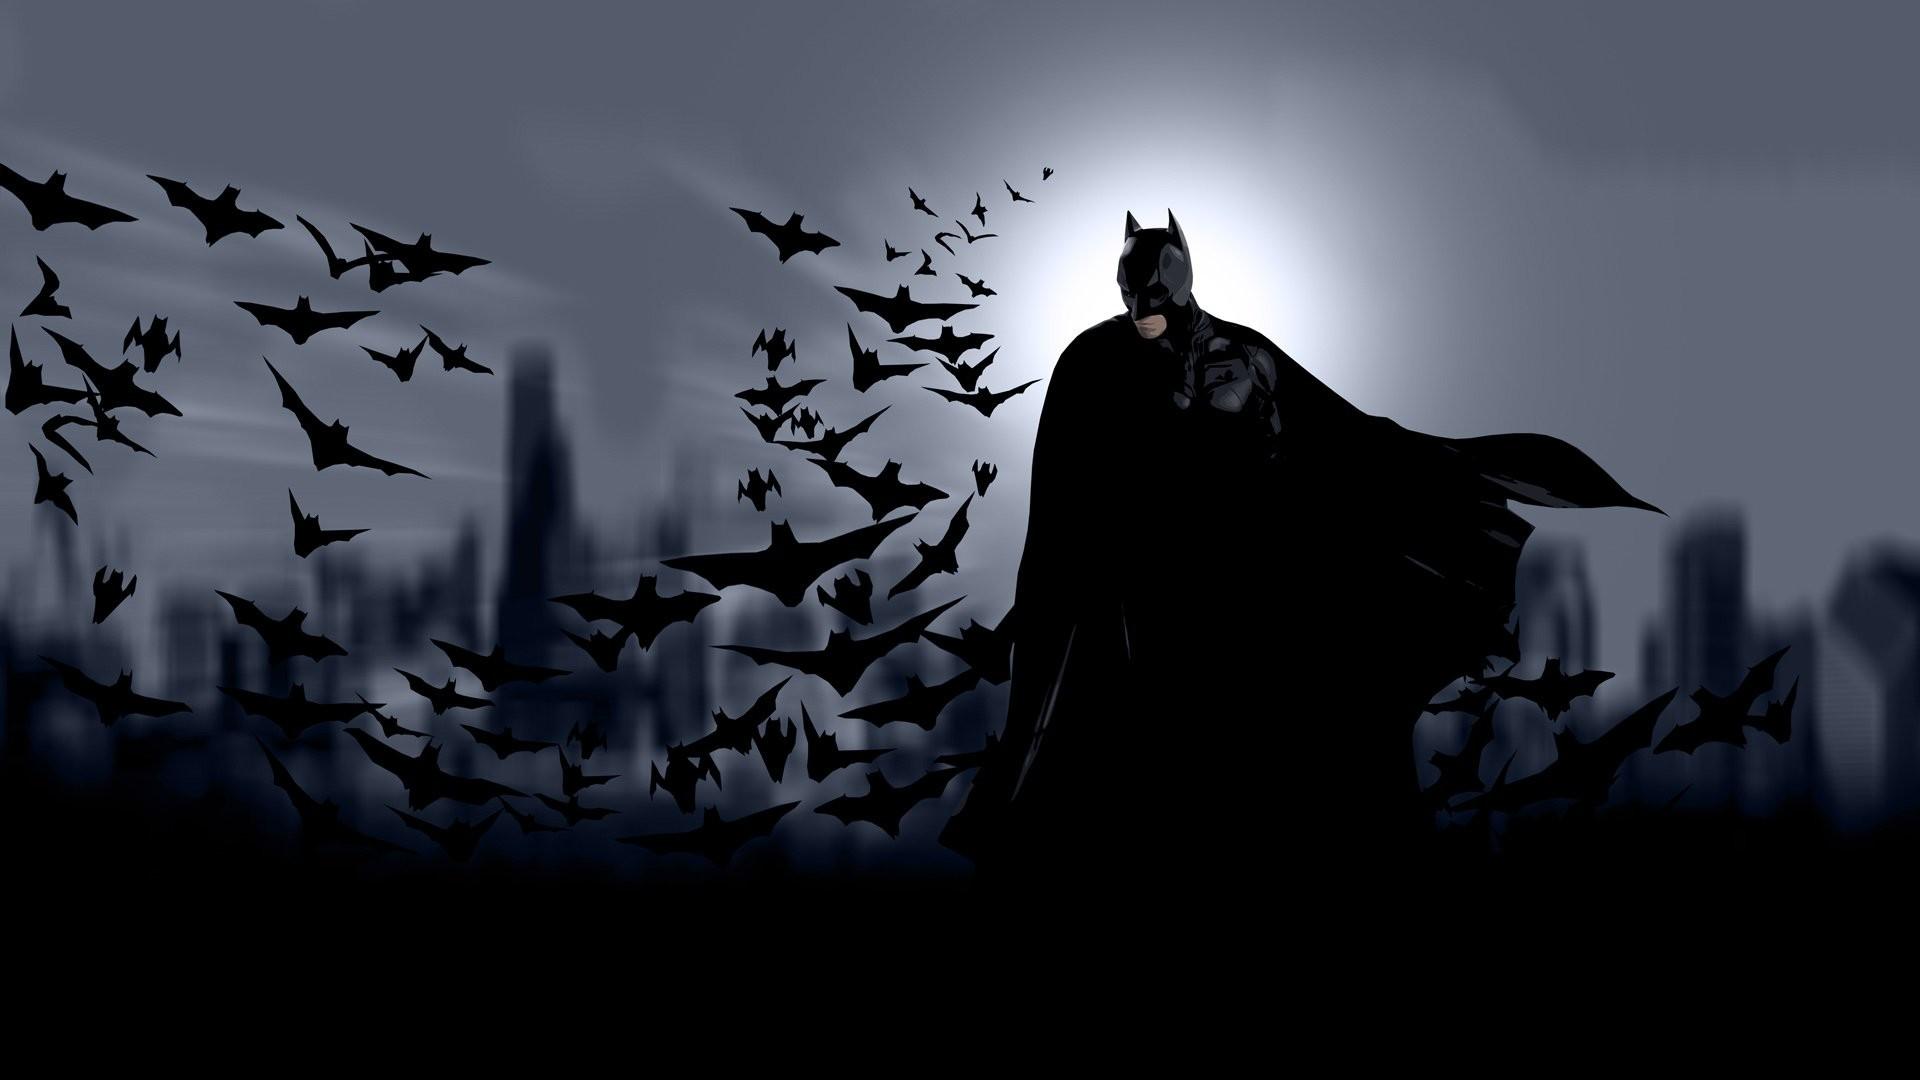 Res: 1920x1080, HD Wallpaper | Background Image ID:72397.  Comics Batman